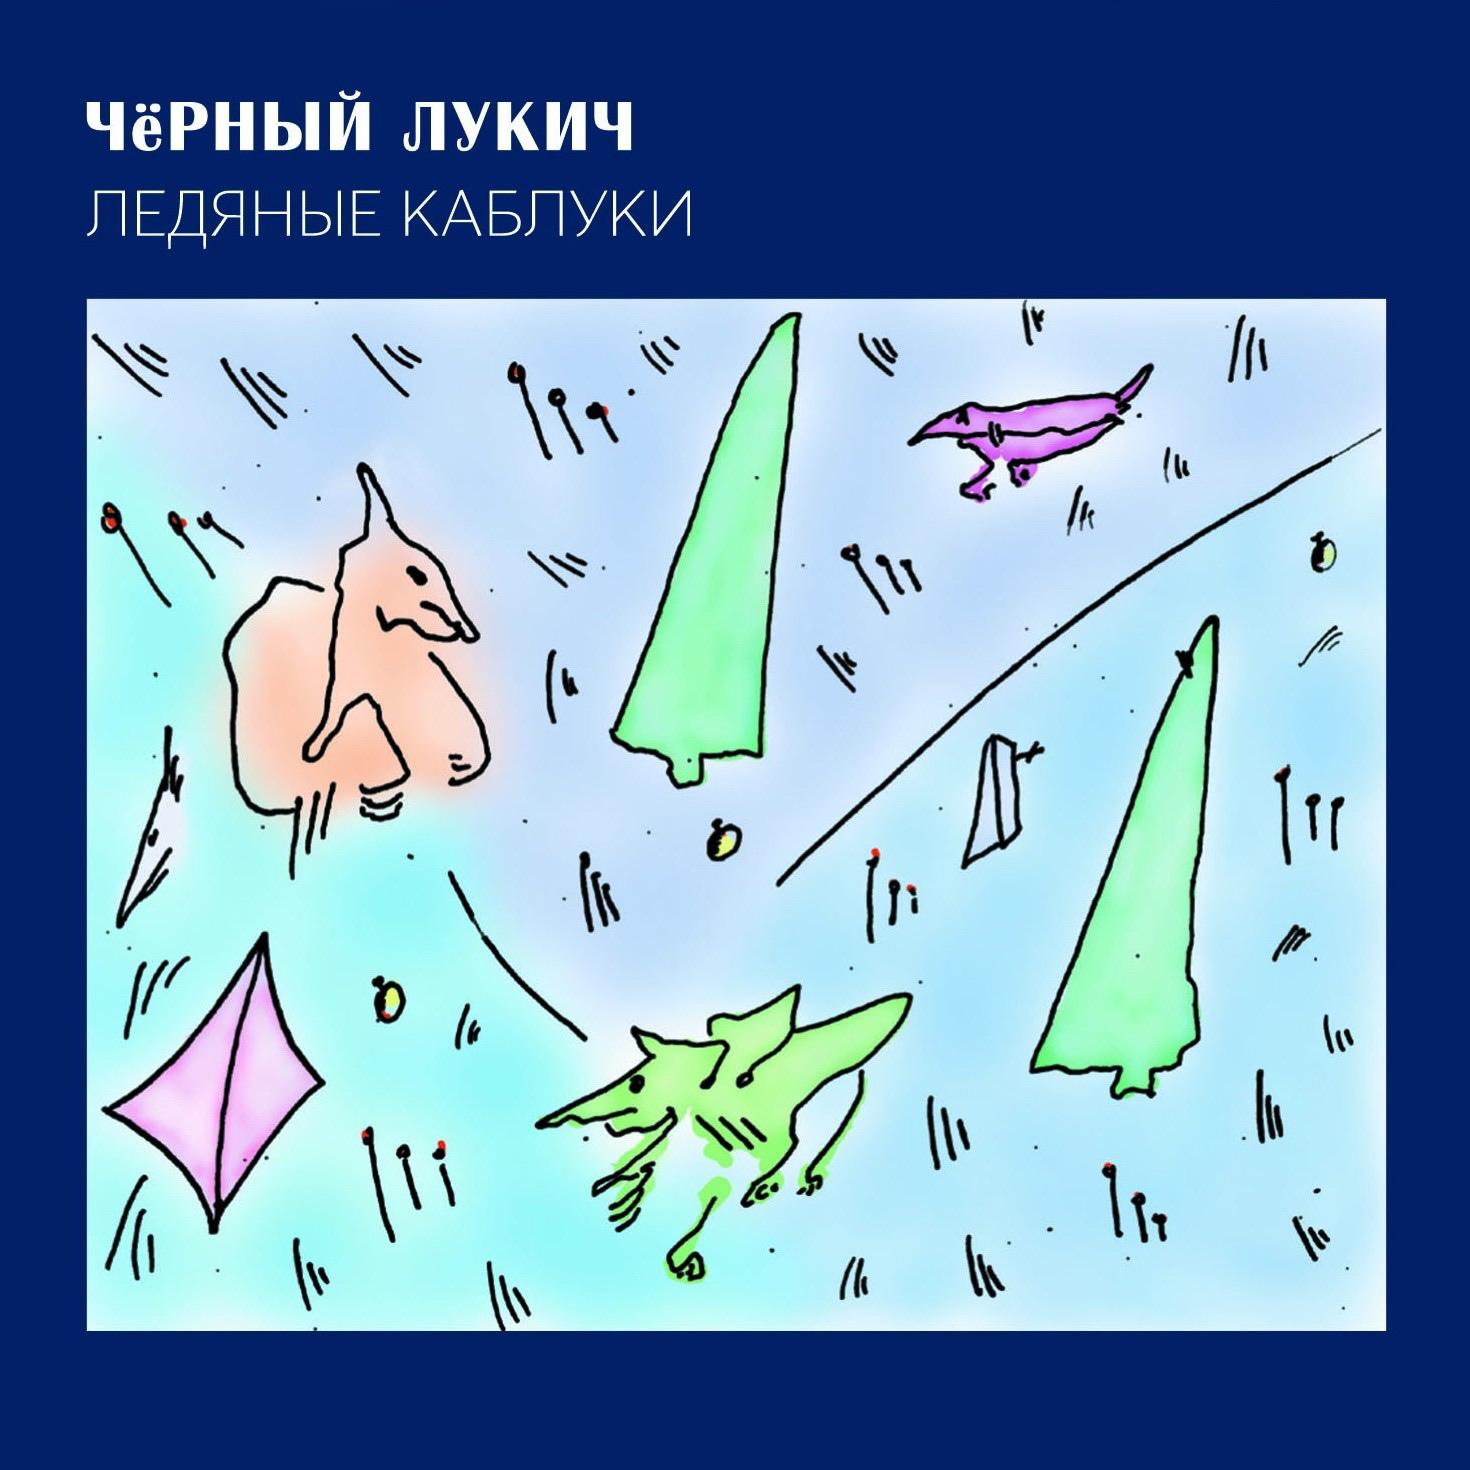 Чёрный Лукич album Ледяные каблуки